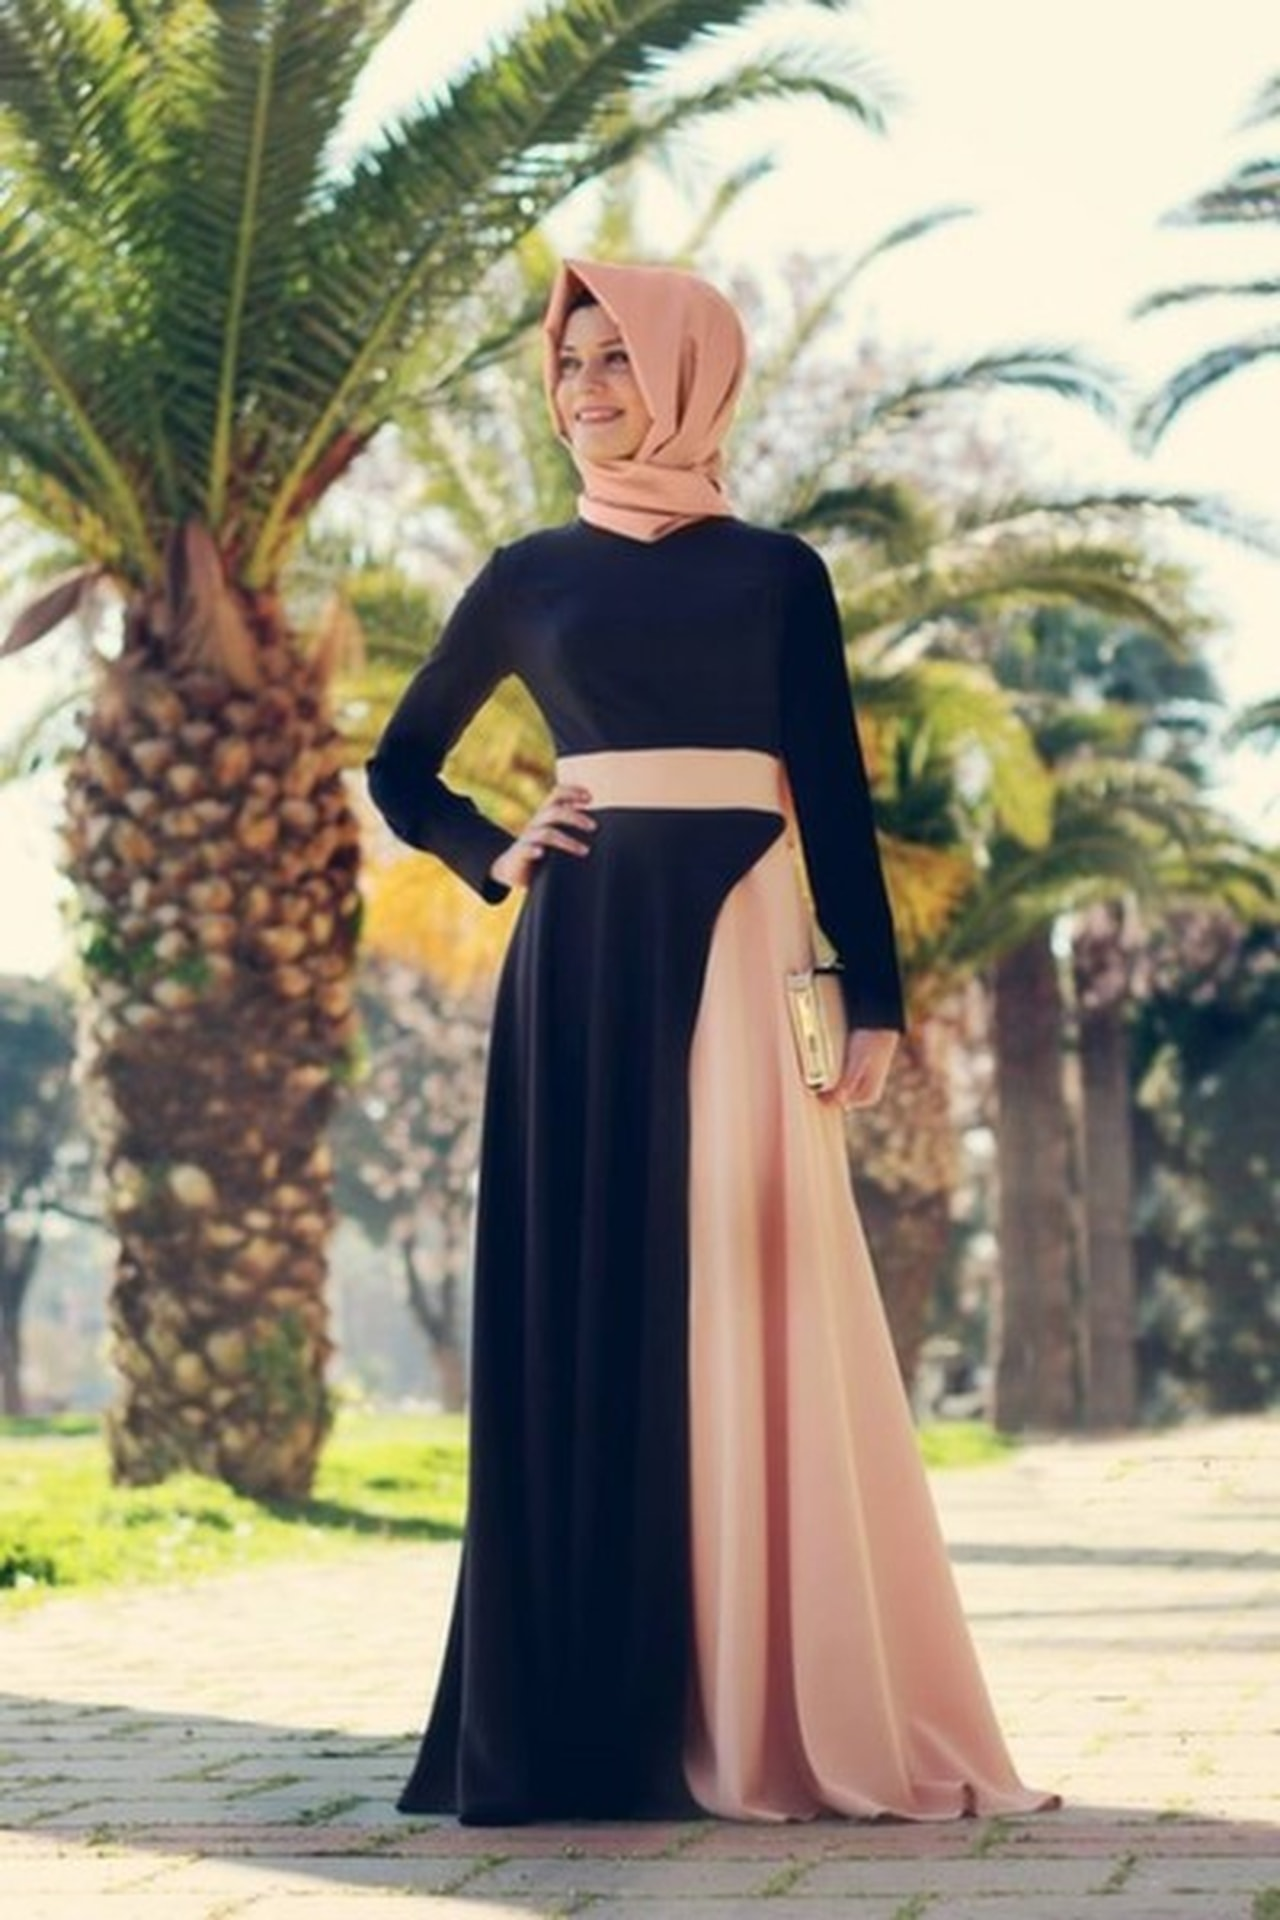 صورة فساتين صيفية , فستان بناتي صيفي اخر شياكة